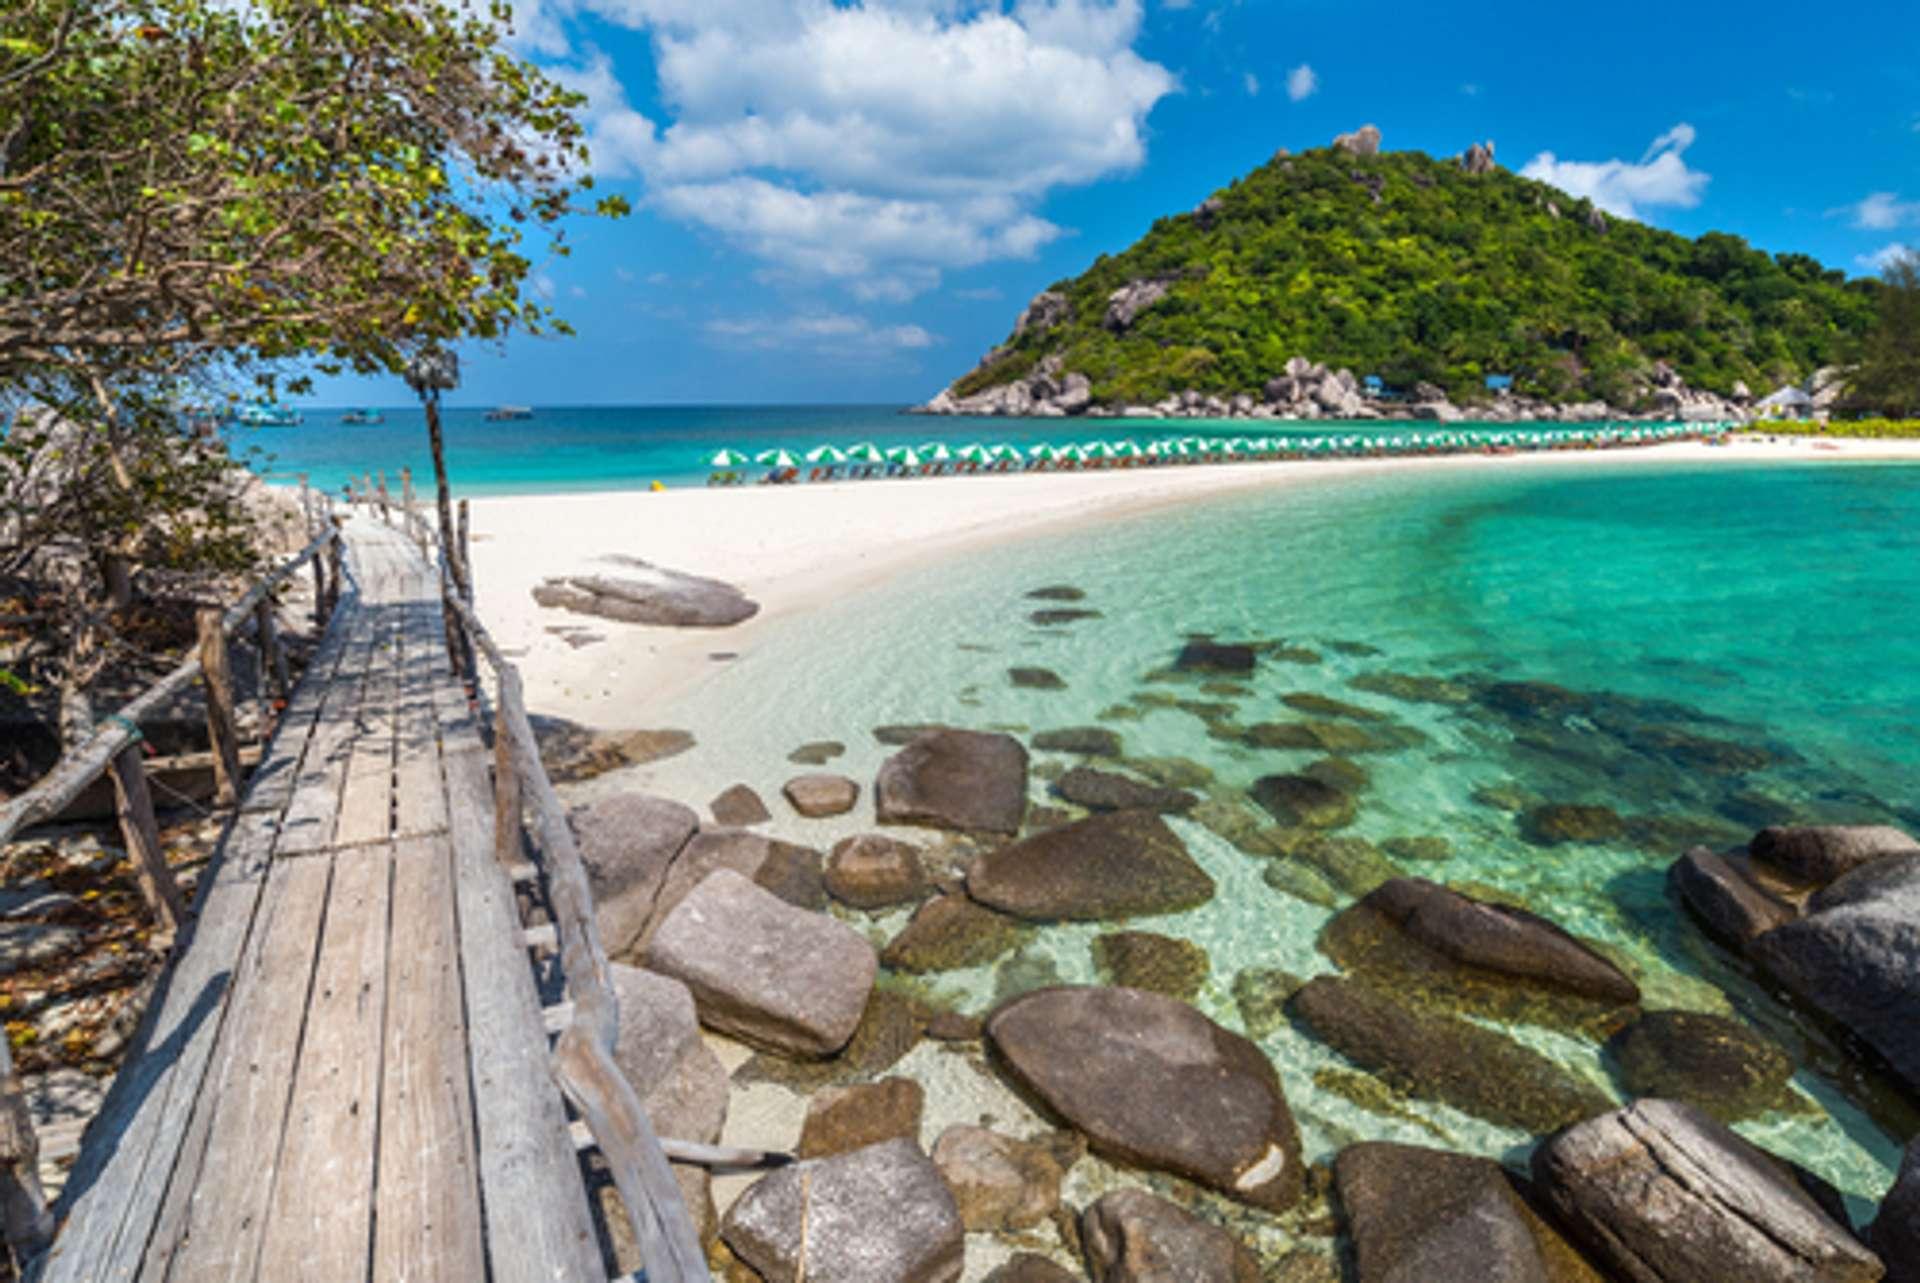 Thailand Koh Tao View of Nang Yuan island